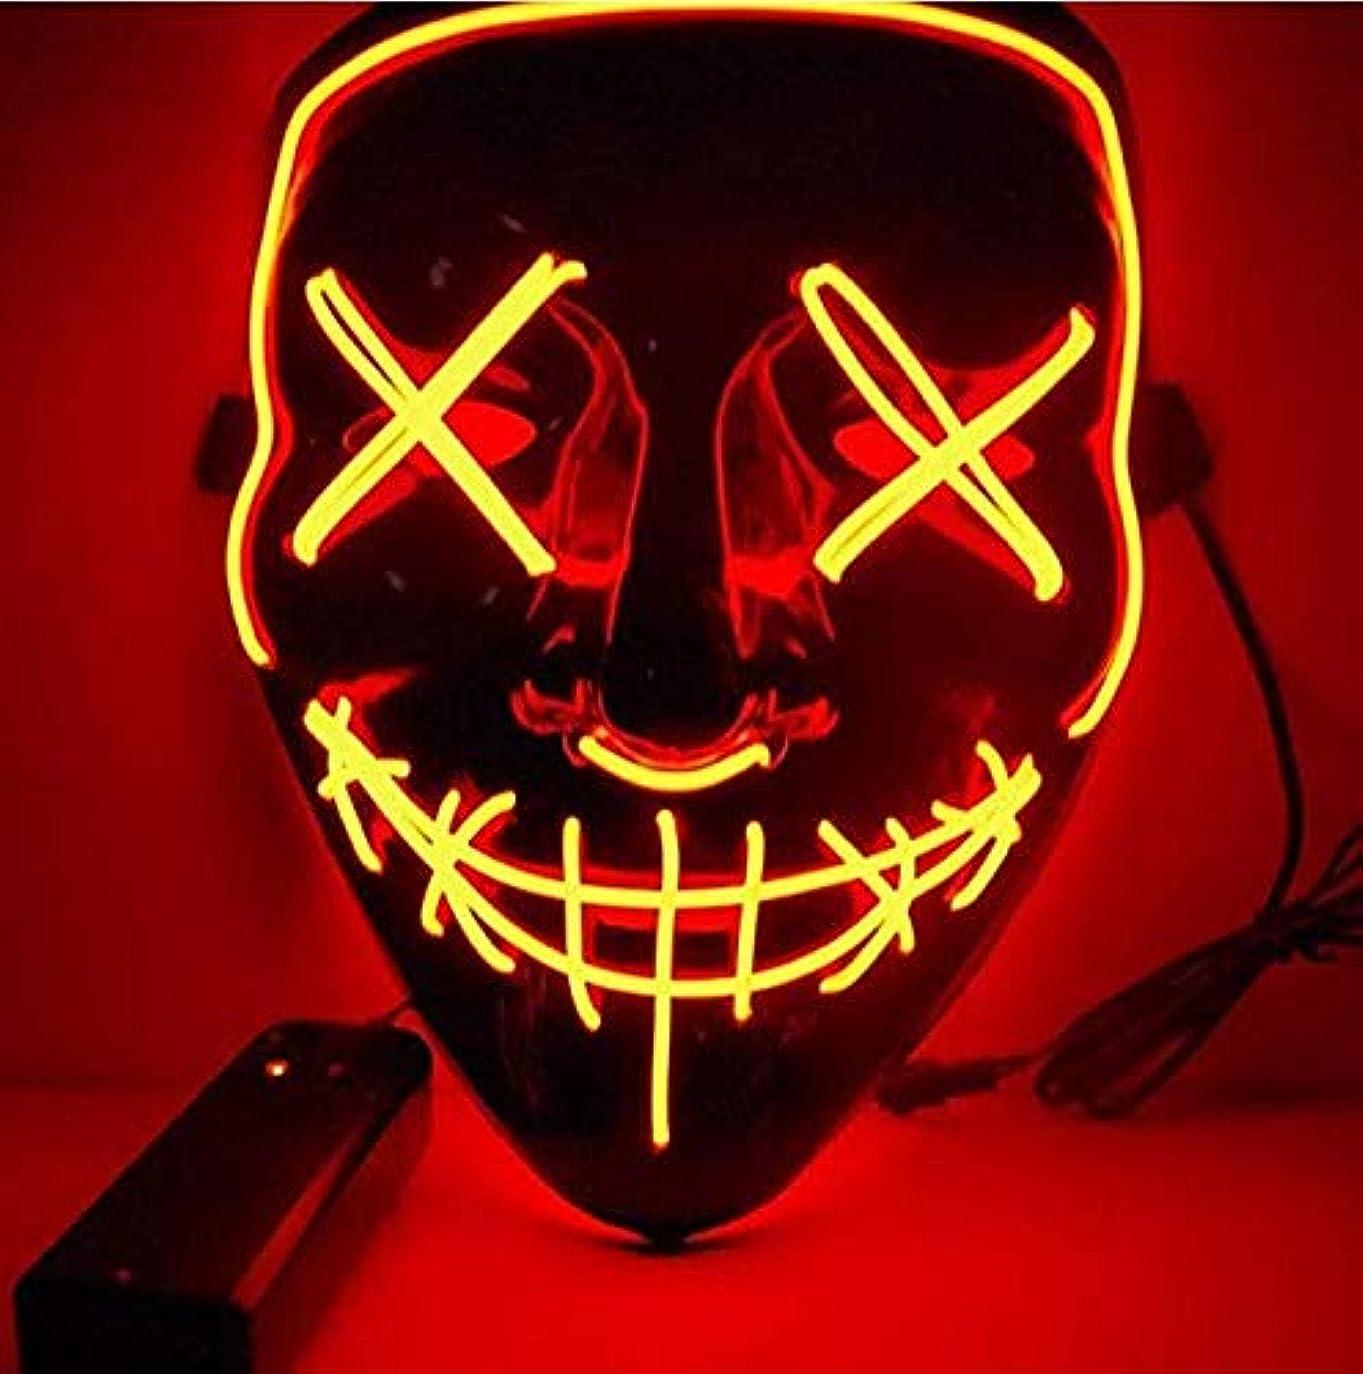 快い気まぐれなタンザニアハロウィンマスクLEDライトアップパーティーマスクコスプレコスチュームサプライ暗闇で光る (Color : YELLOW)